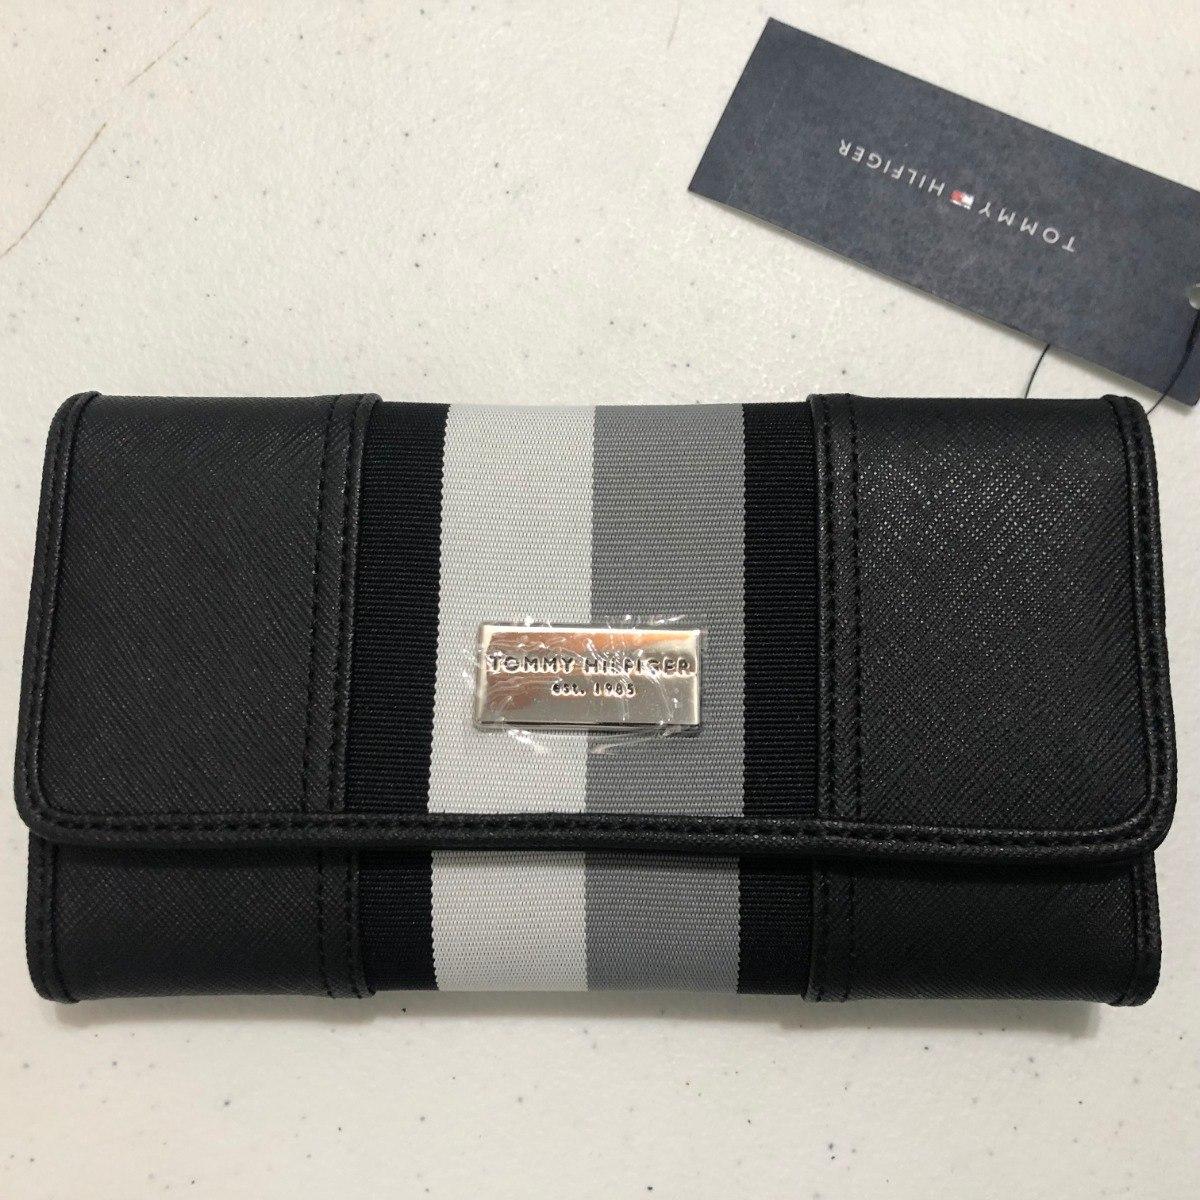 códigos de cupón original mejor calificado marca famosa Cartera Monedero Tommy Hilfiger 100% Original M 6938398 990